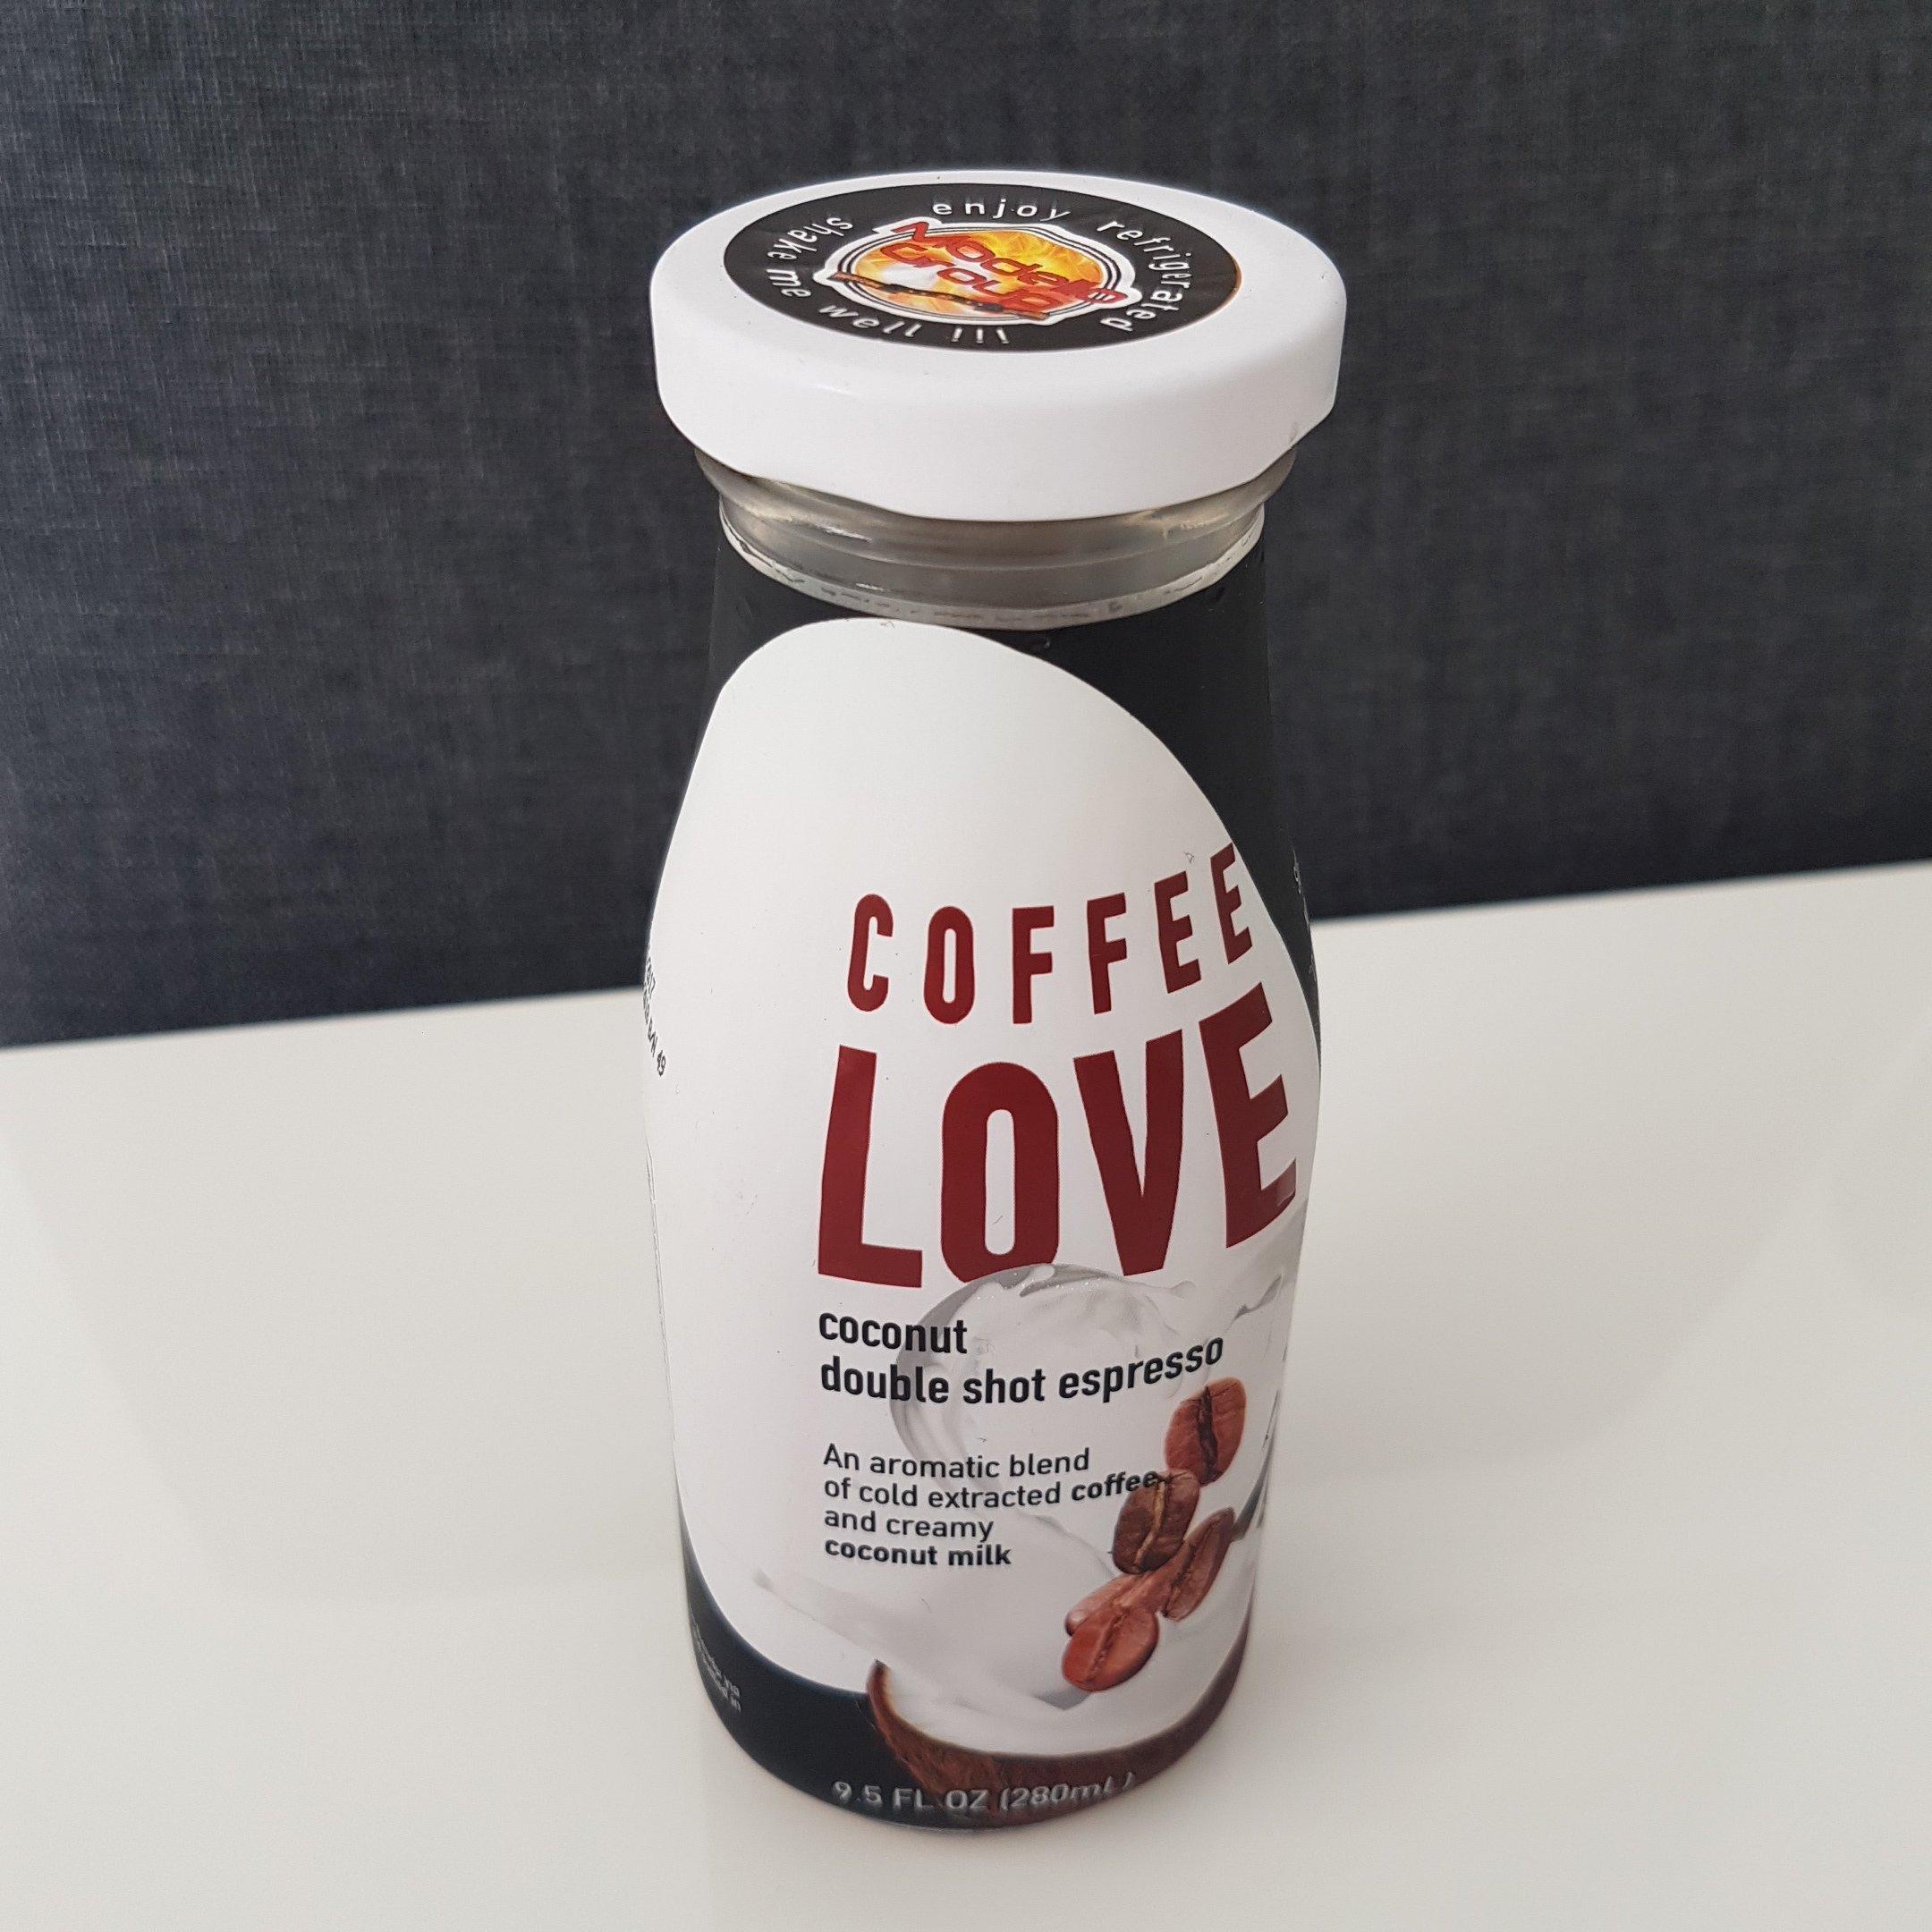 COFFEE LOVE - coconut double shot espresso - itstartswithacoffee.com - #coffee #coconut #espresso